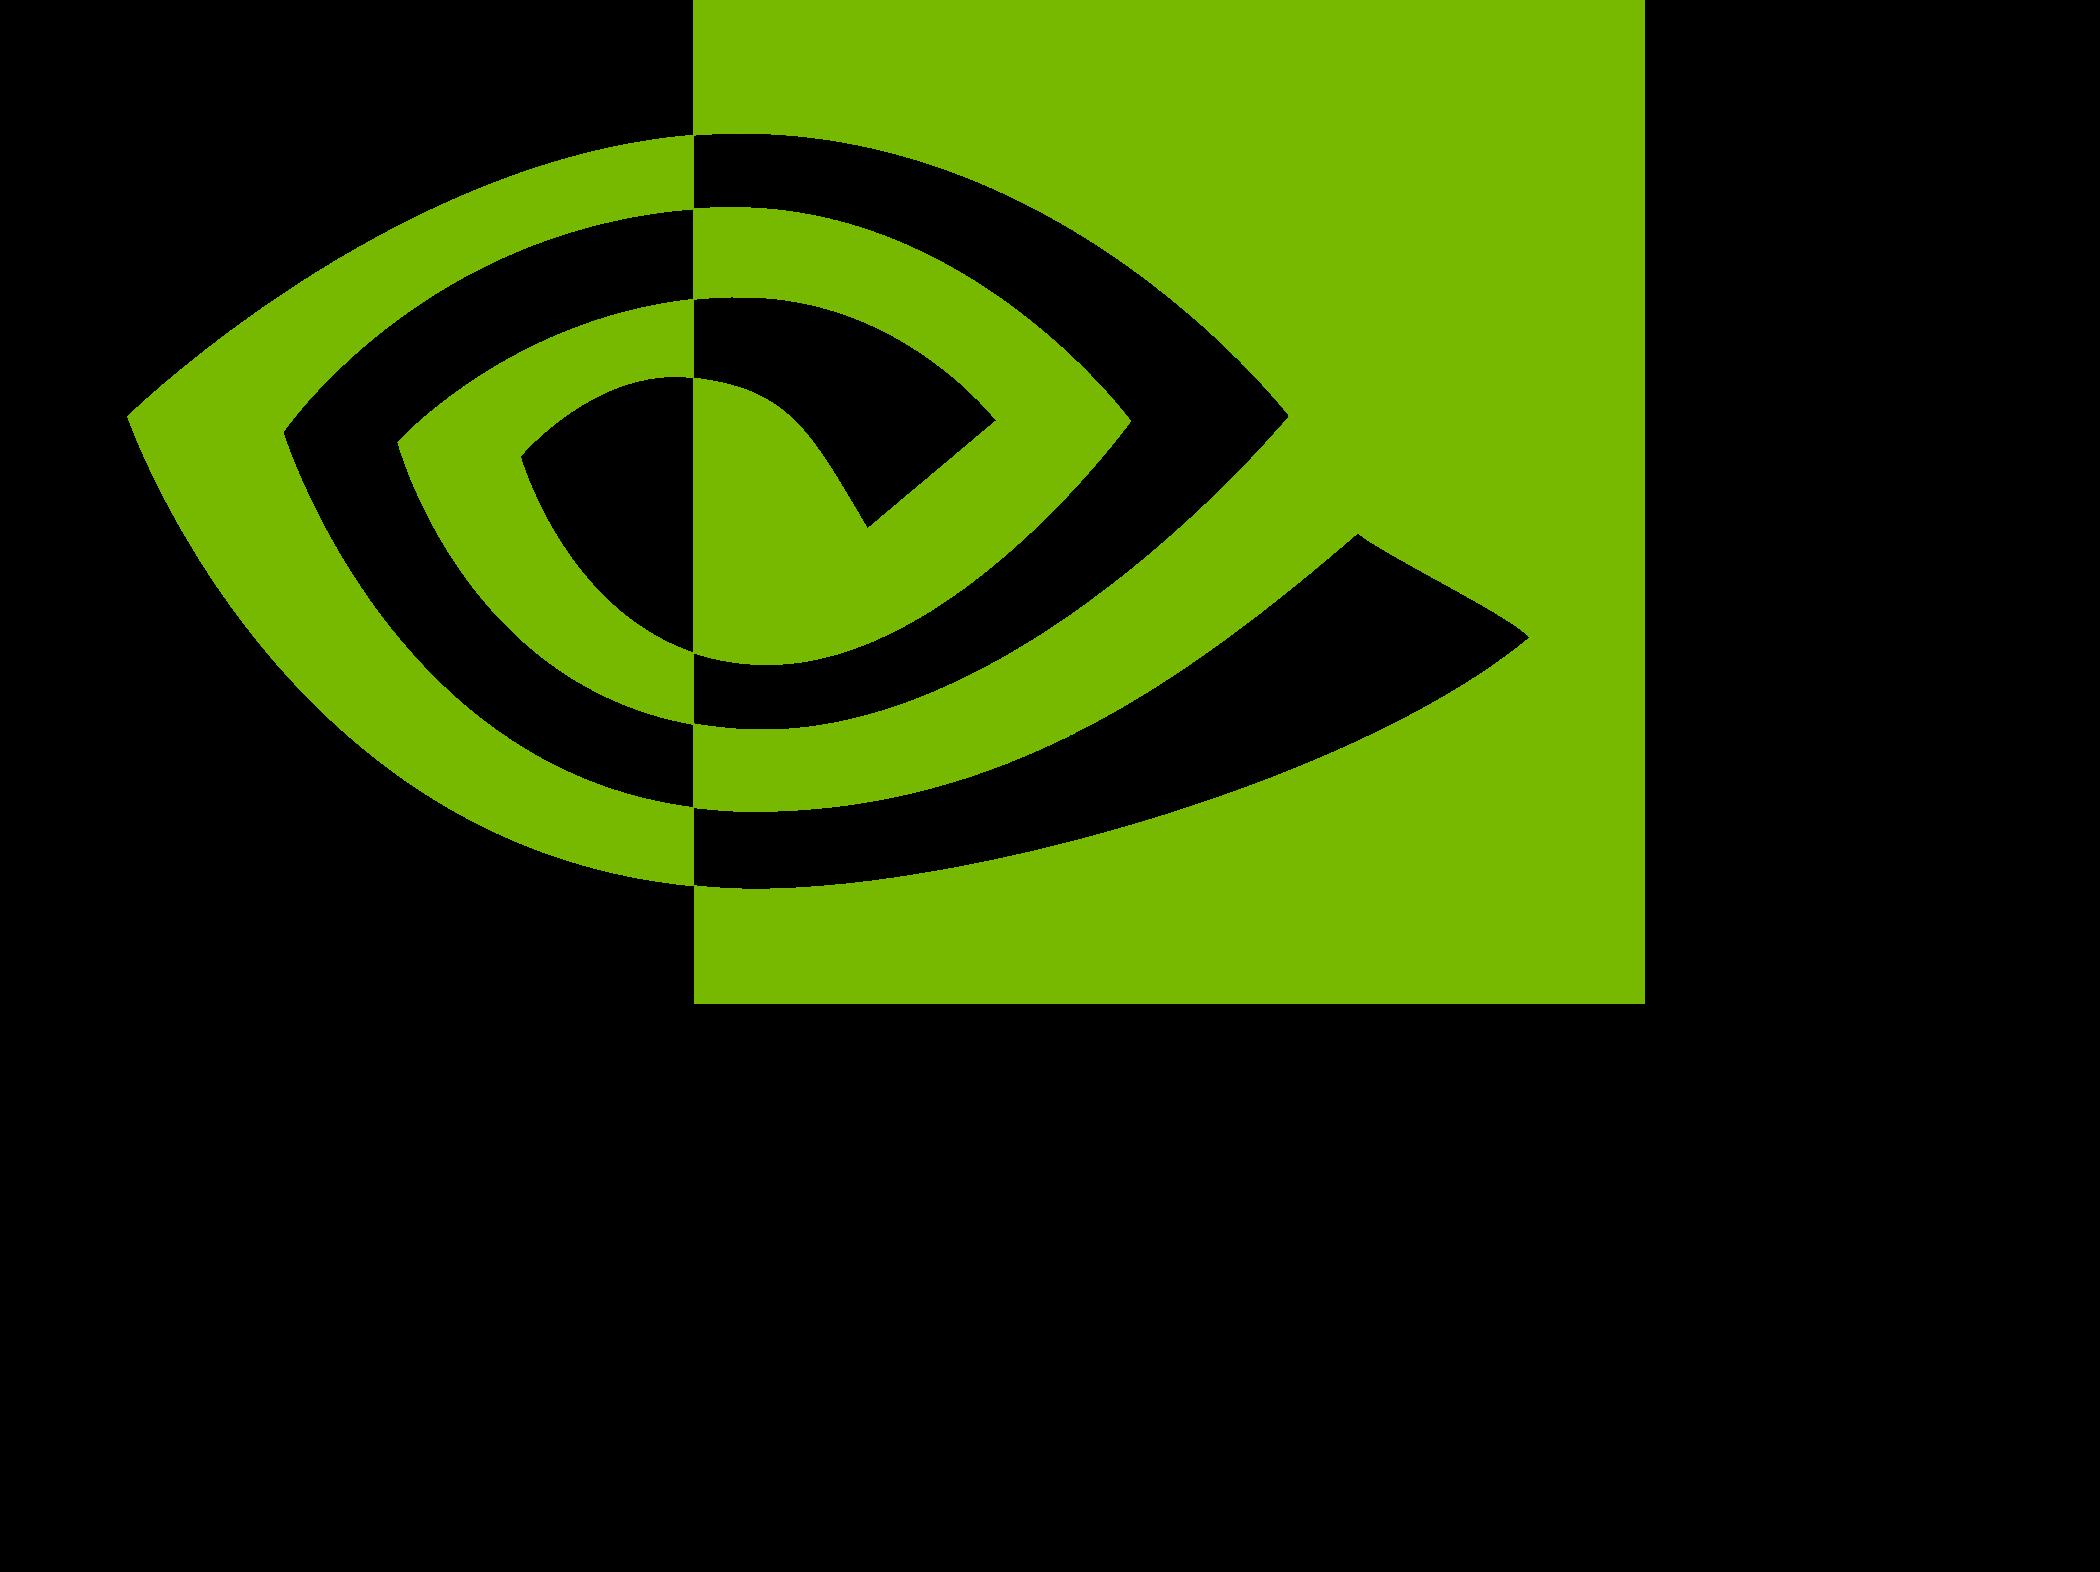 nvidia logo 3 1 - Nvidia Logo